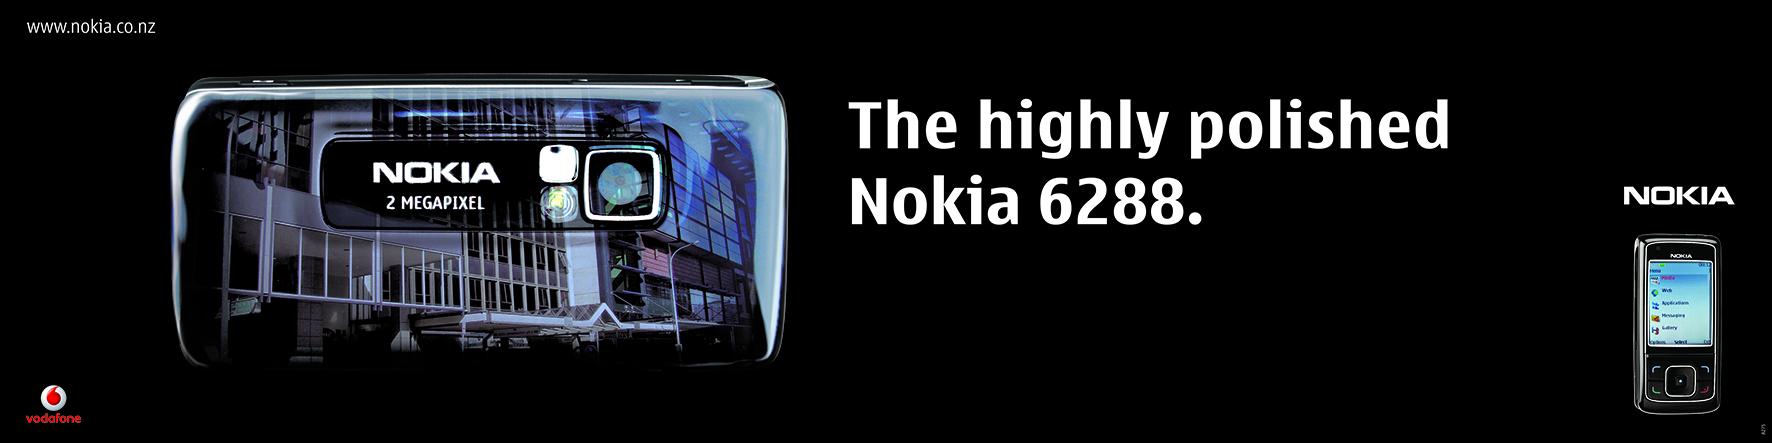 Nokia6288_AlbertSt.jpg